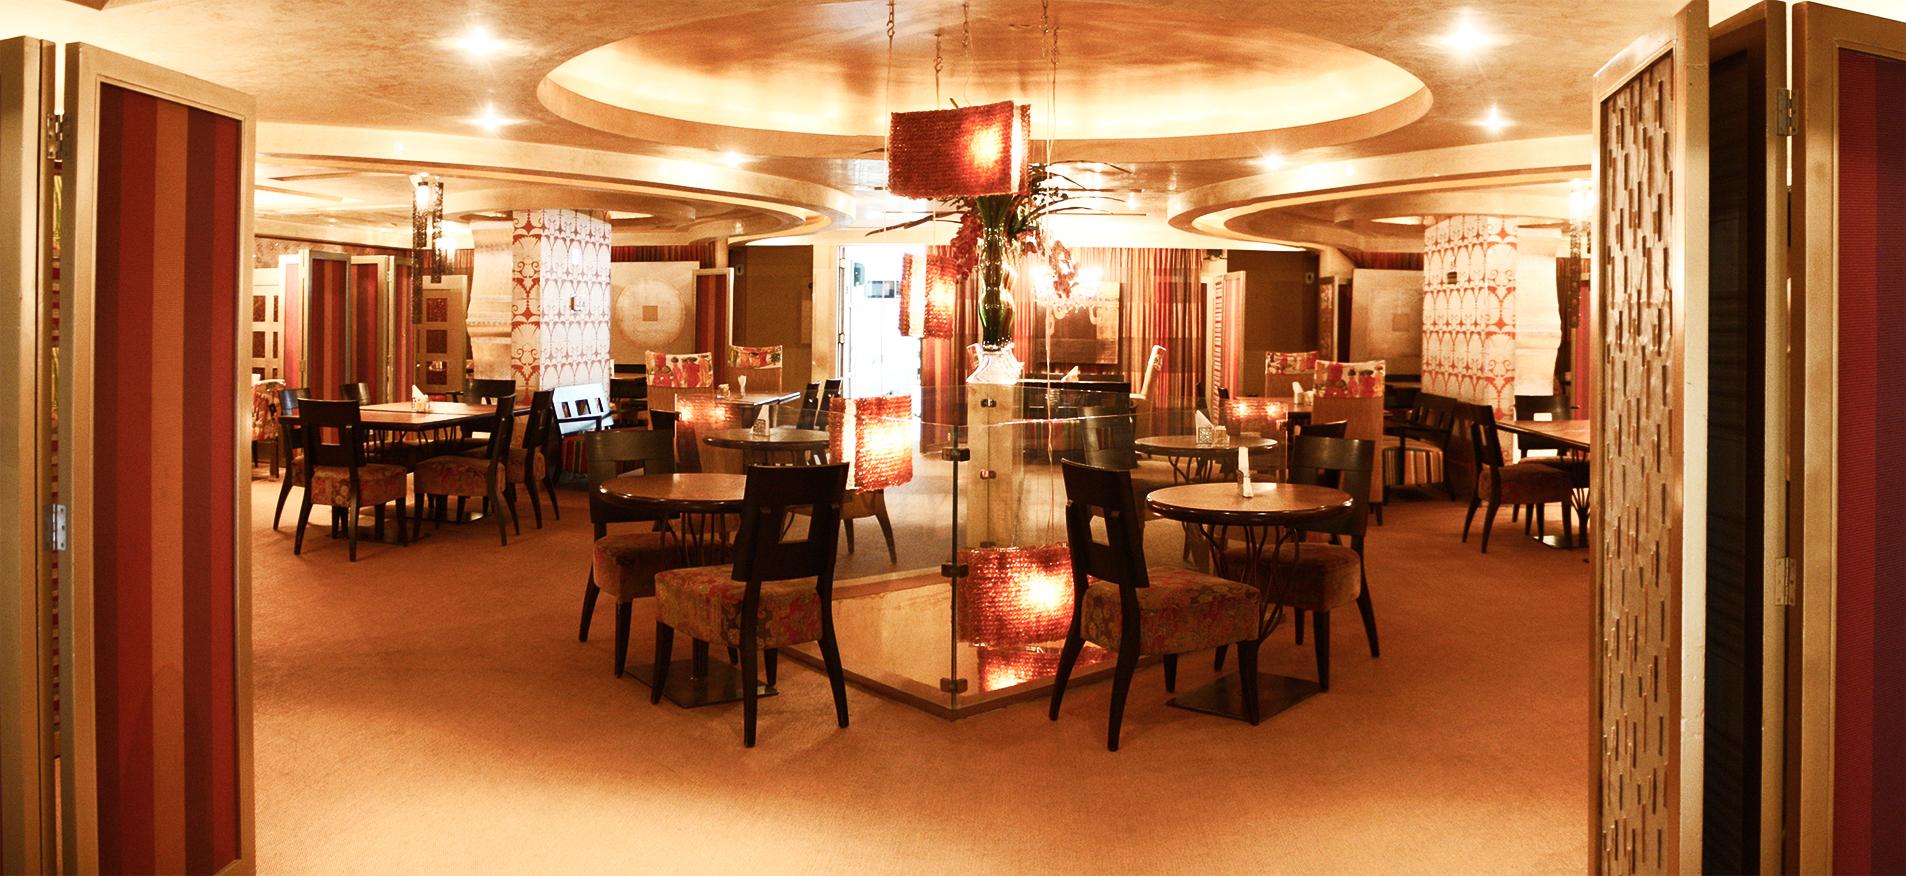 افضل المطاعم التي توجد في الرياض (8)